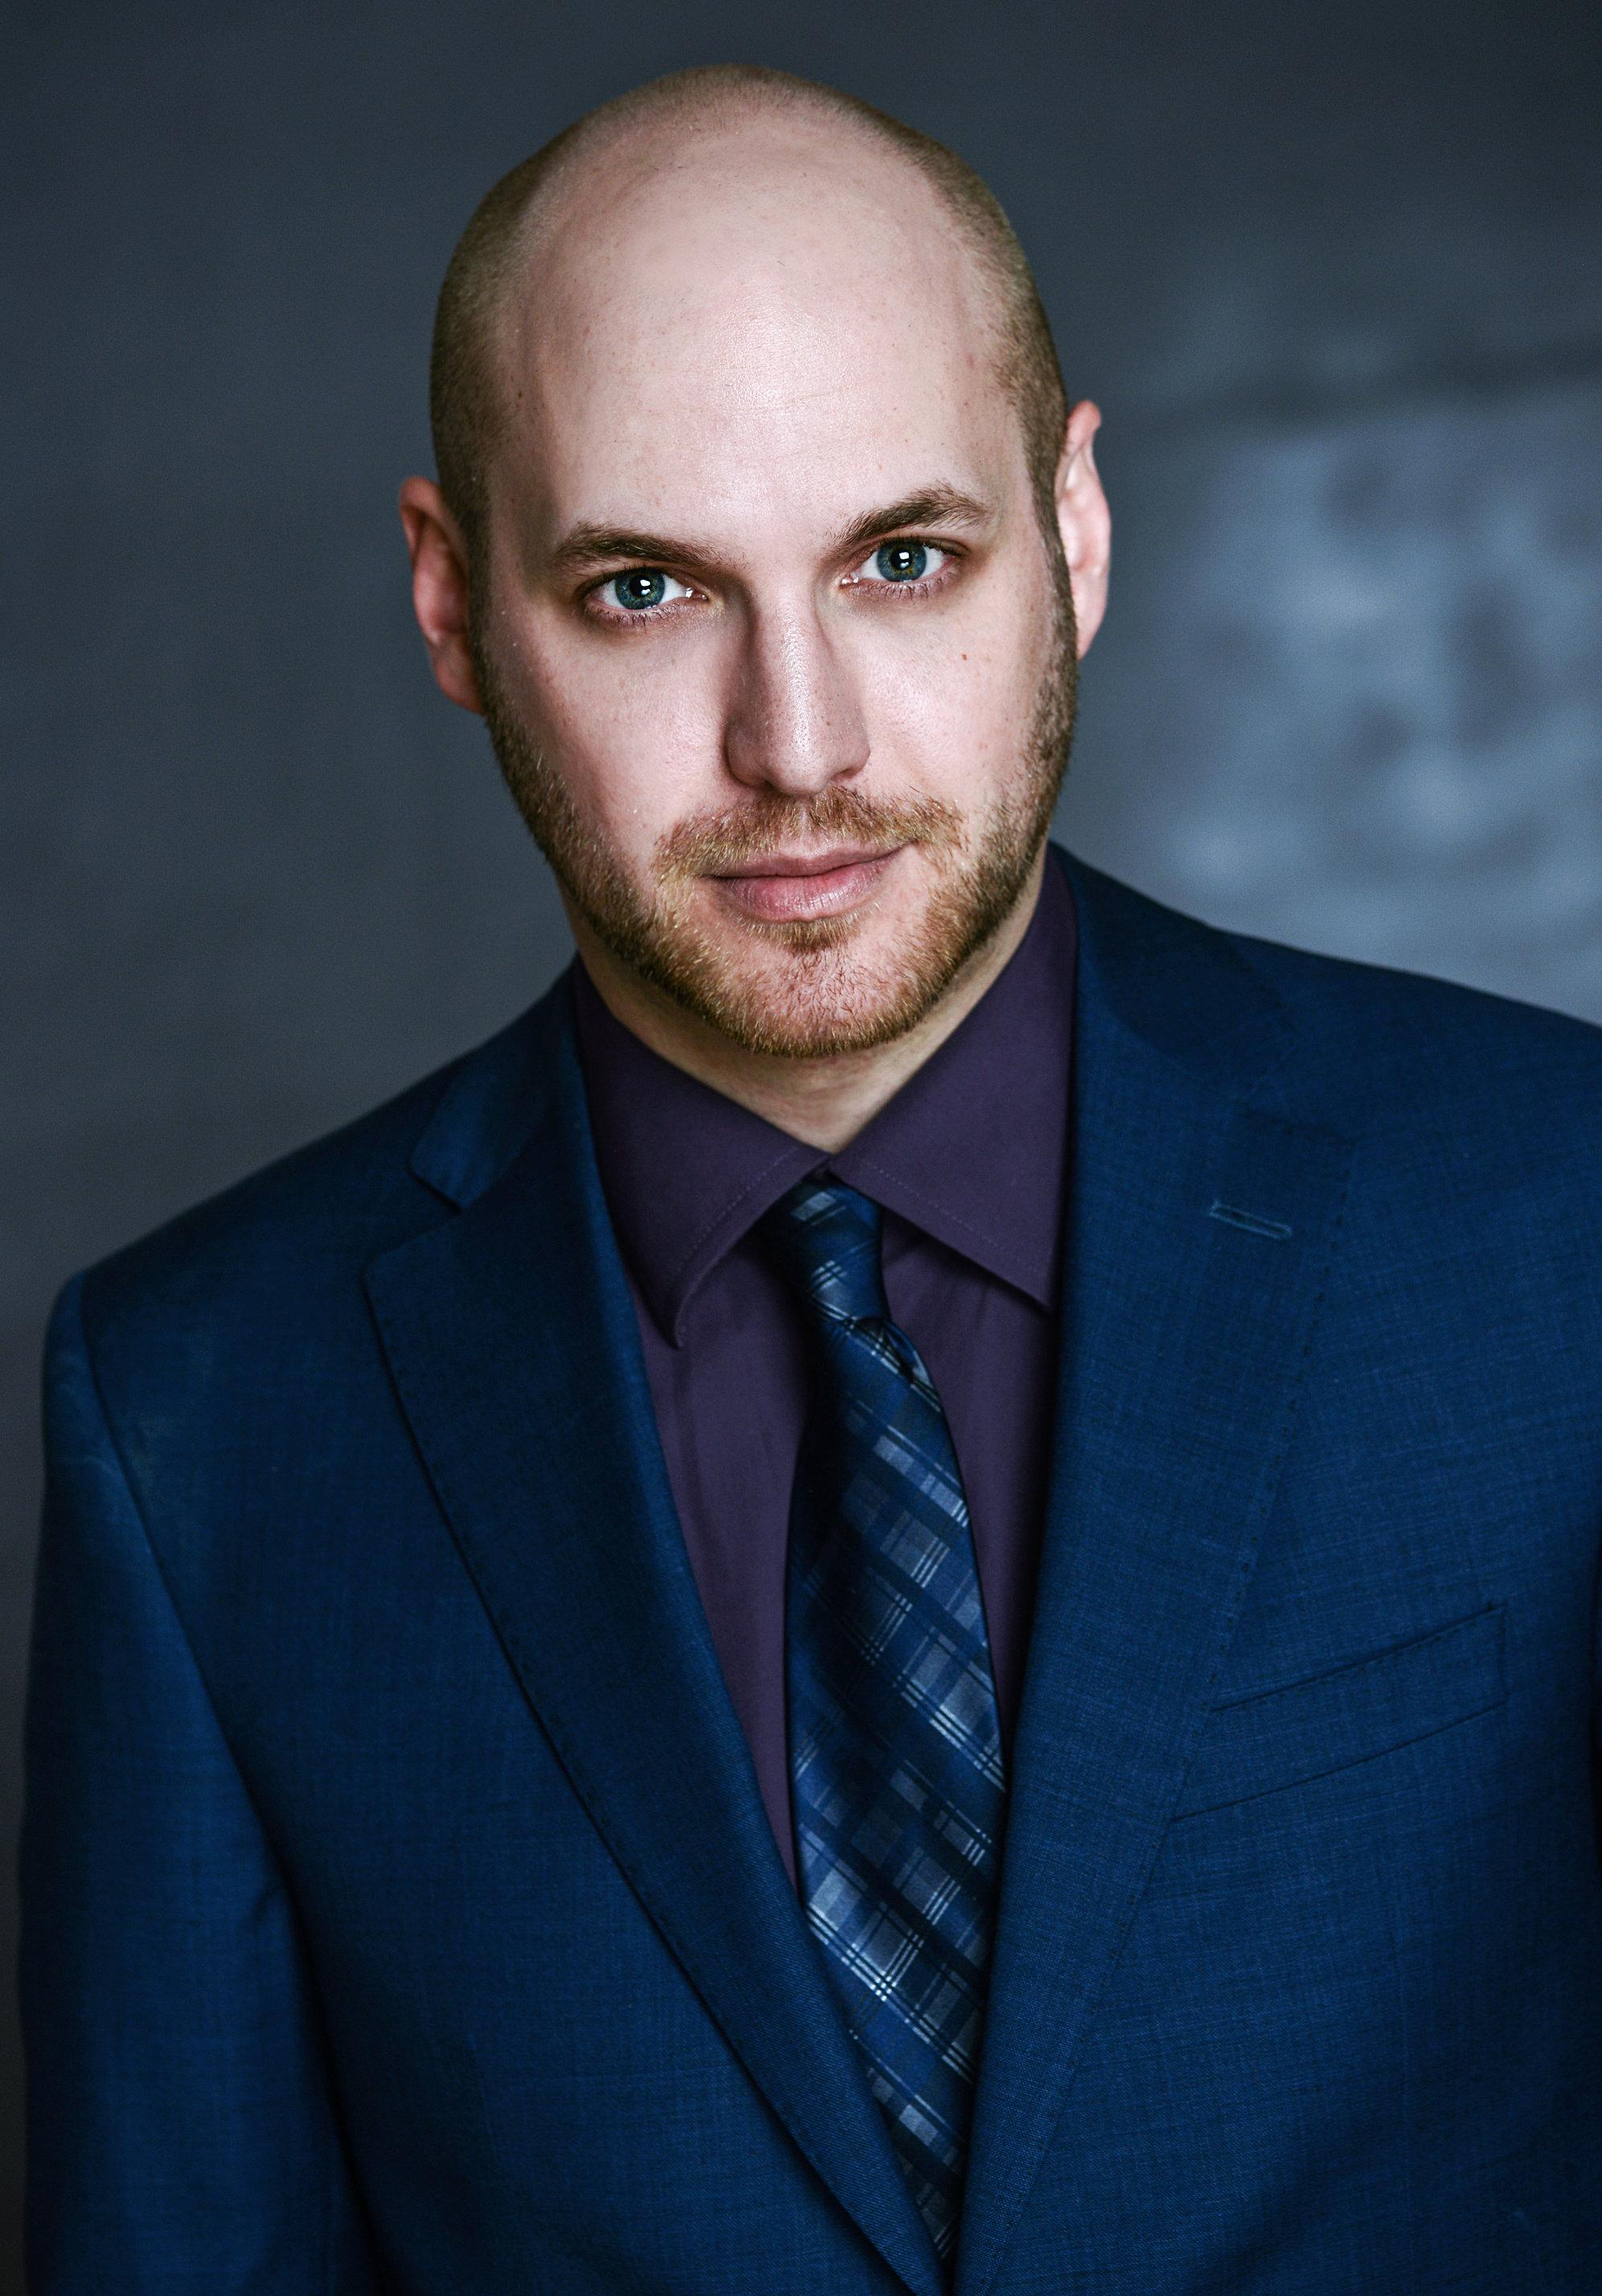 Jacob Kraemer's primary photo